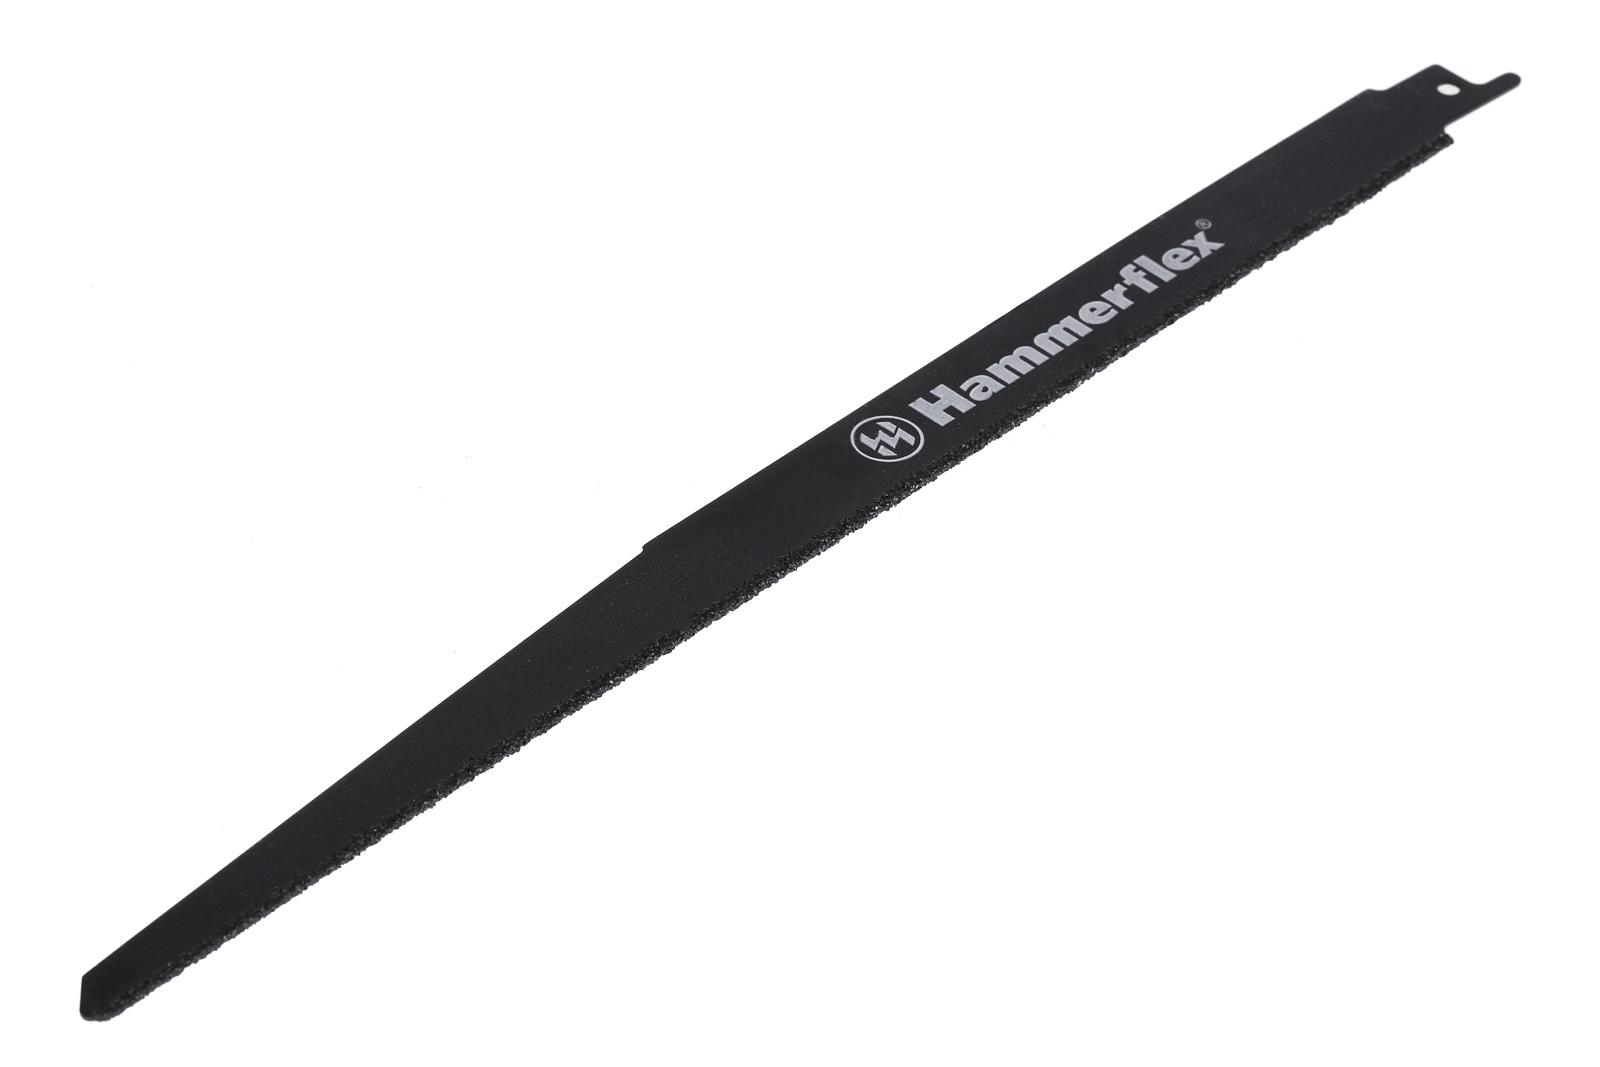 Полотно для сабельной пилы Hammer 225-201 rs bl 201 305х25,4х1.60 мм rg512 g50641 201